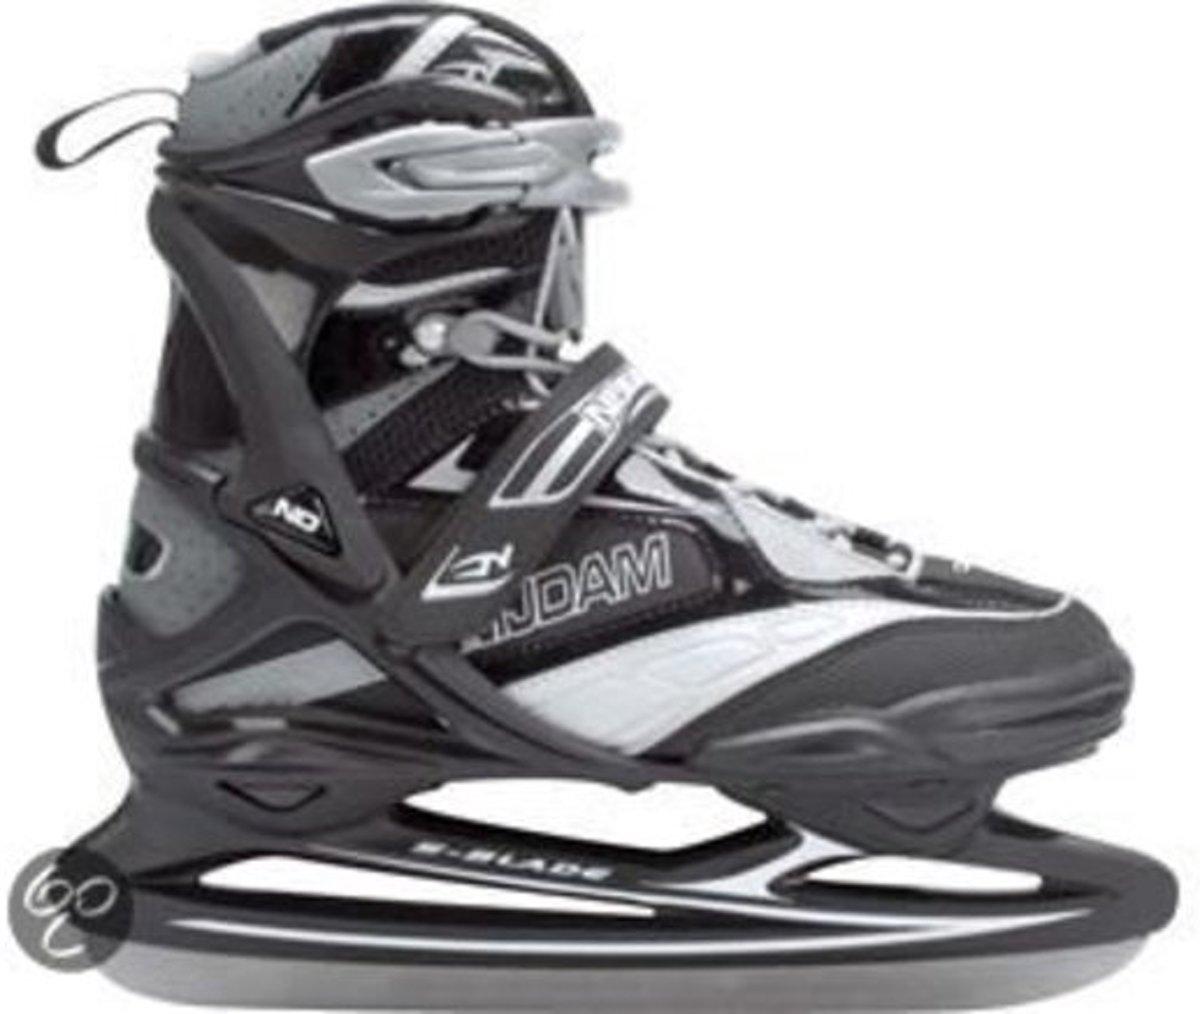 Nijdam Pro Line IJshockeyschaats - Schaatsen - Unisex- Maat 41